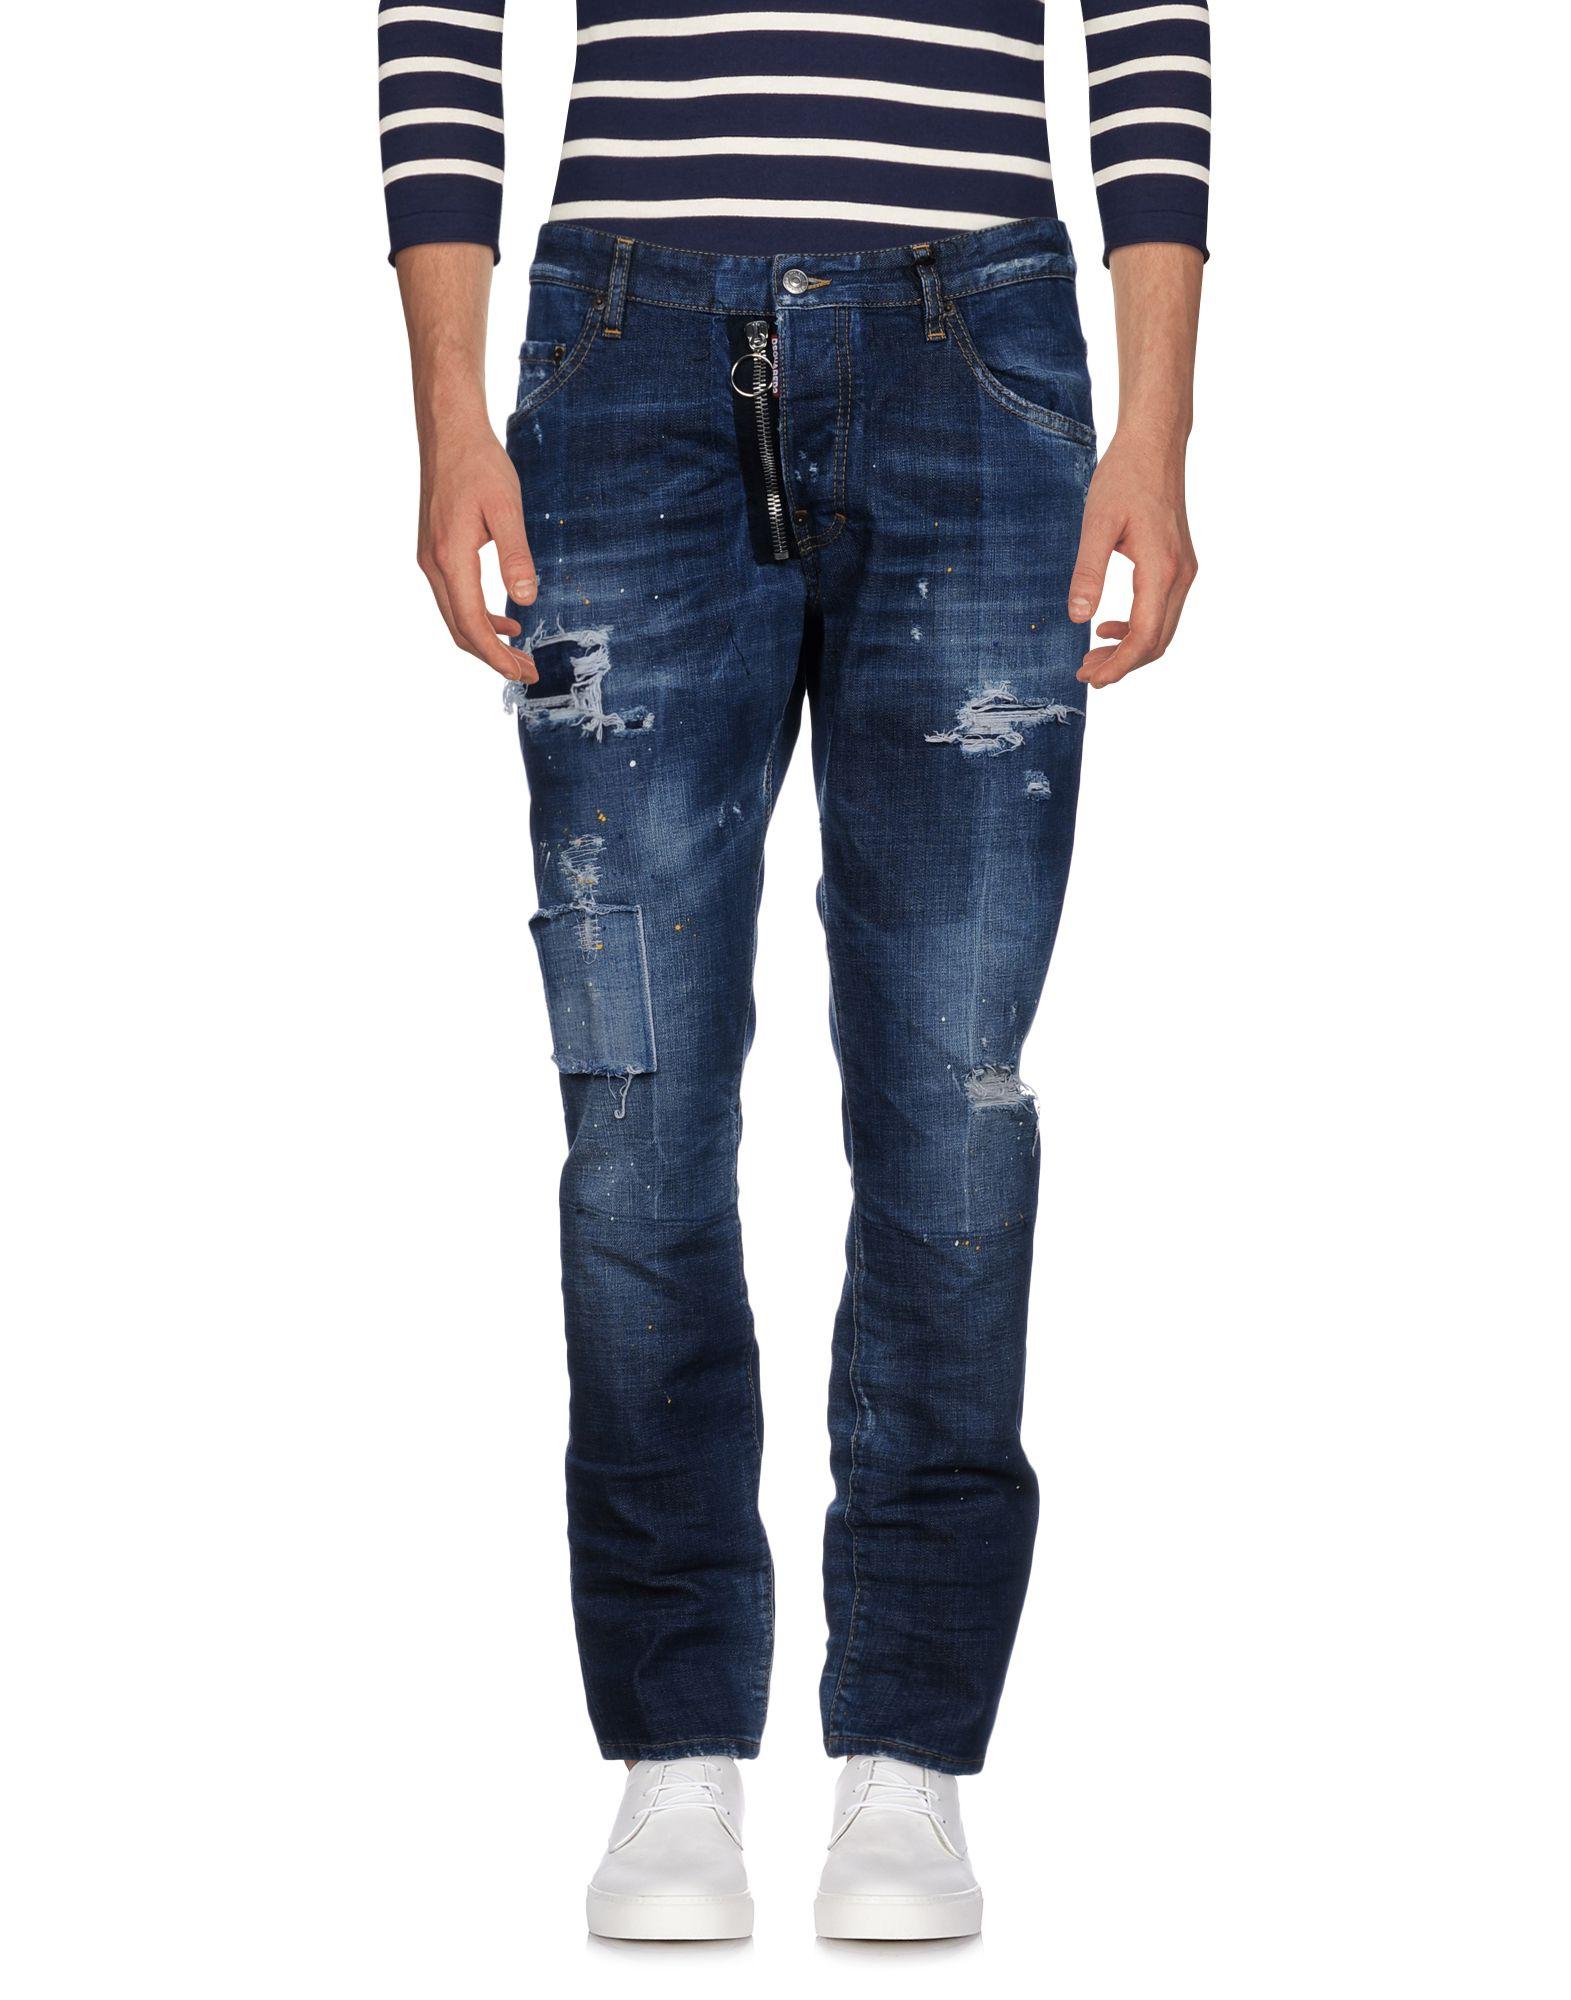 Dsquared2 Acquista Uomo Jeans online su Pantaloni PwS0S